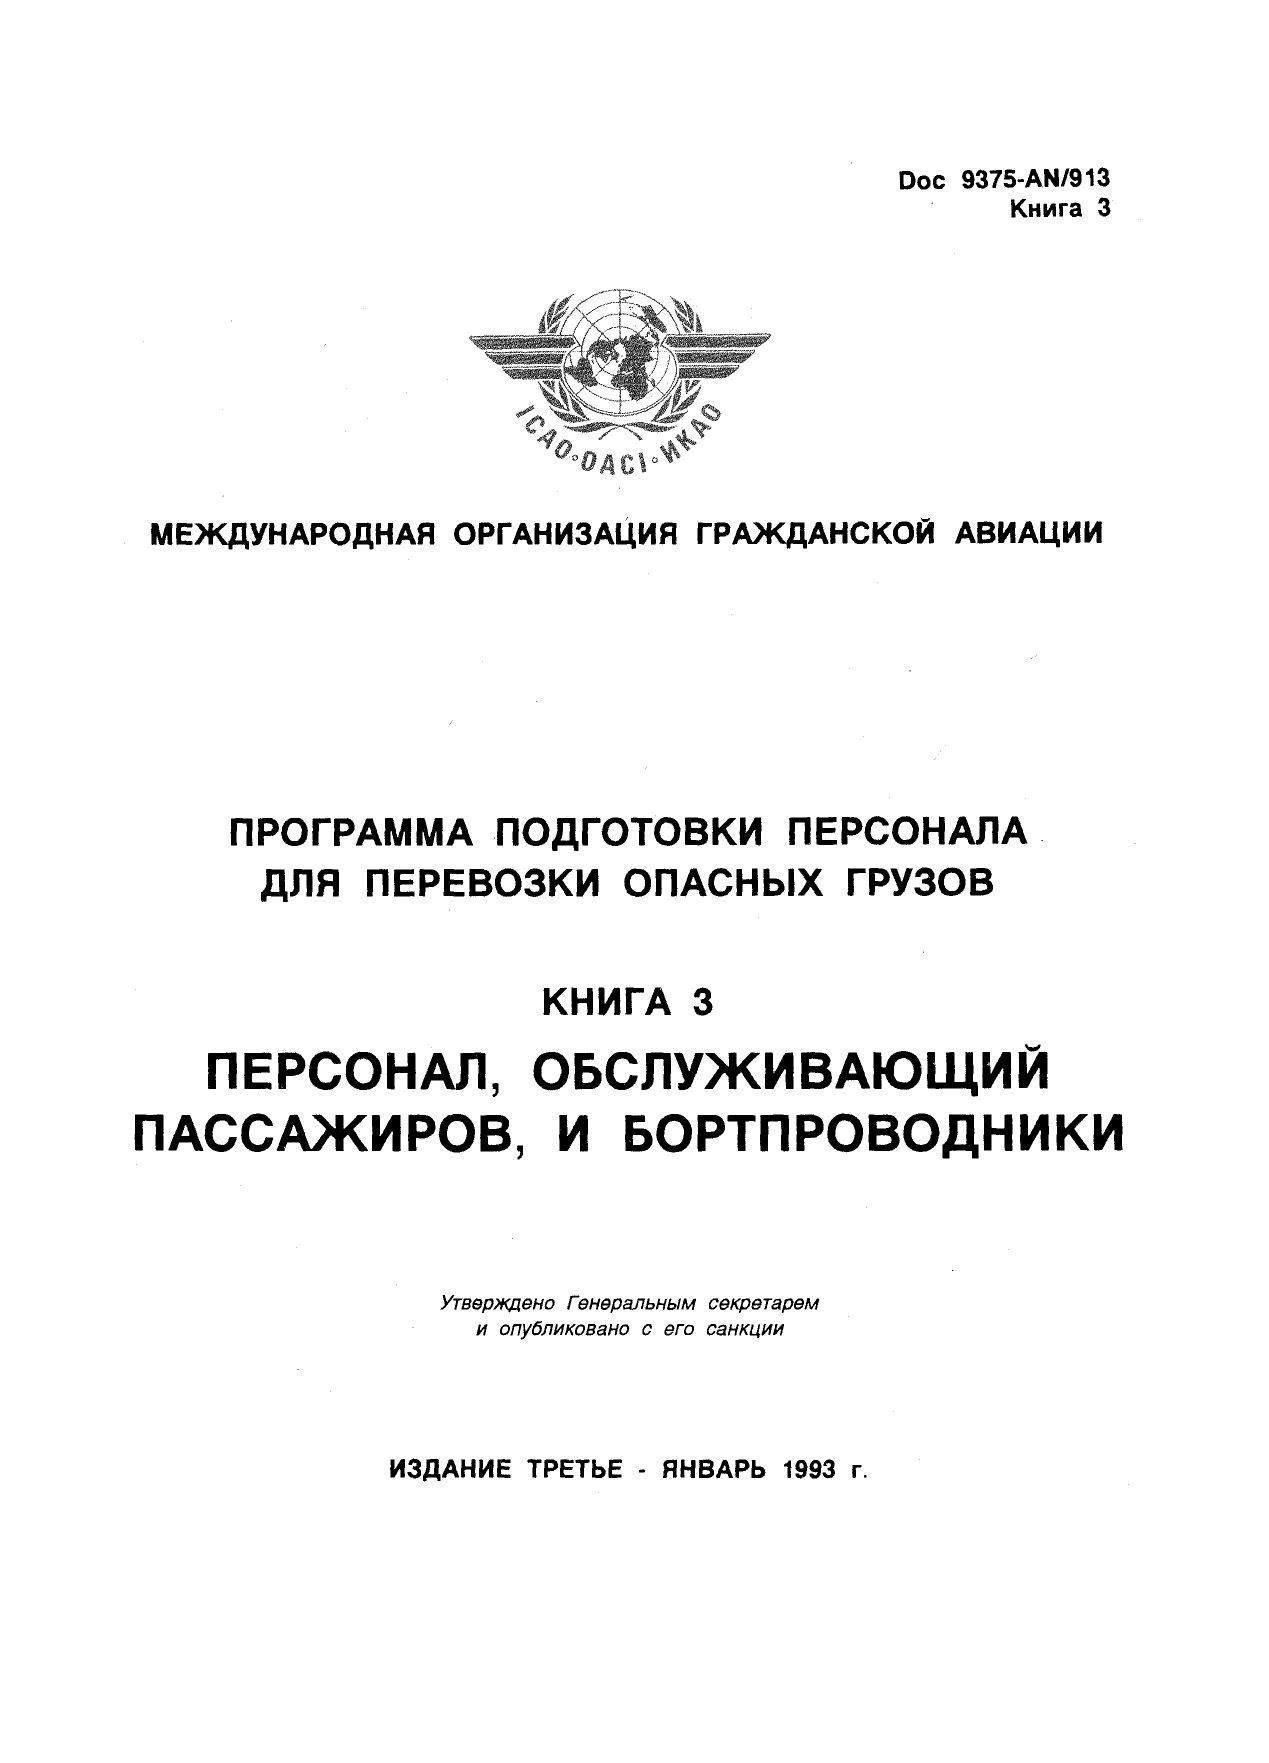 ICAO Doc 9375 Программа подготовки персонала для перевозки опасных грузов. Книга 3. Персонал, обслуживающий пассажиров, и бортпроводники.